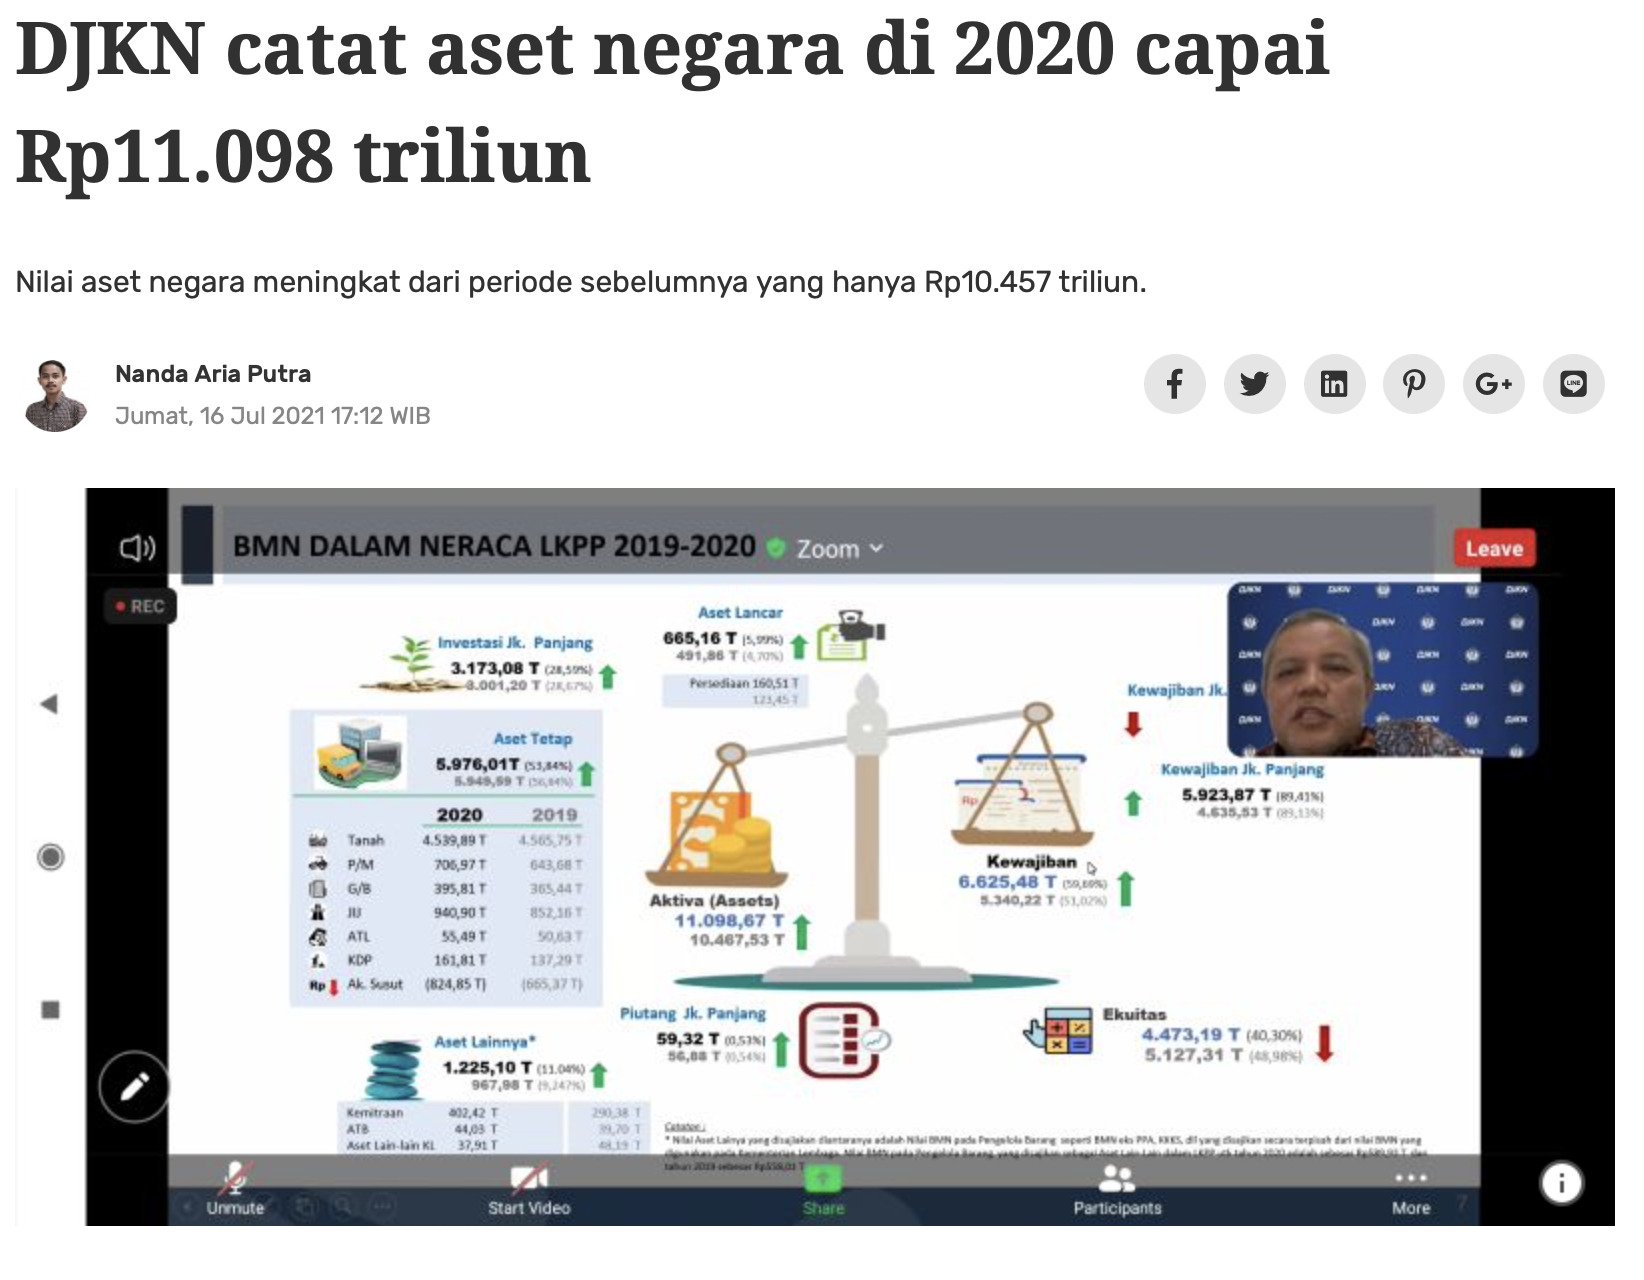 DJKN catat aset negara di 2020 capai Rp11.098 triliun